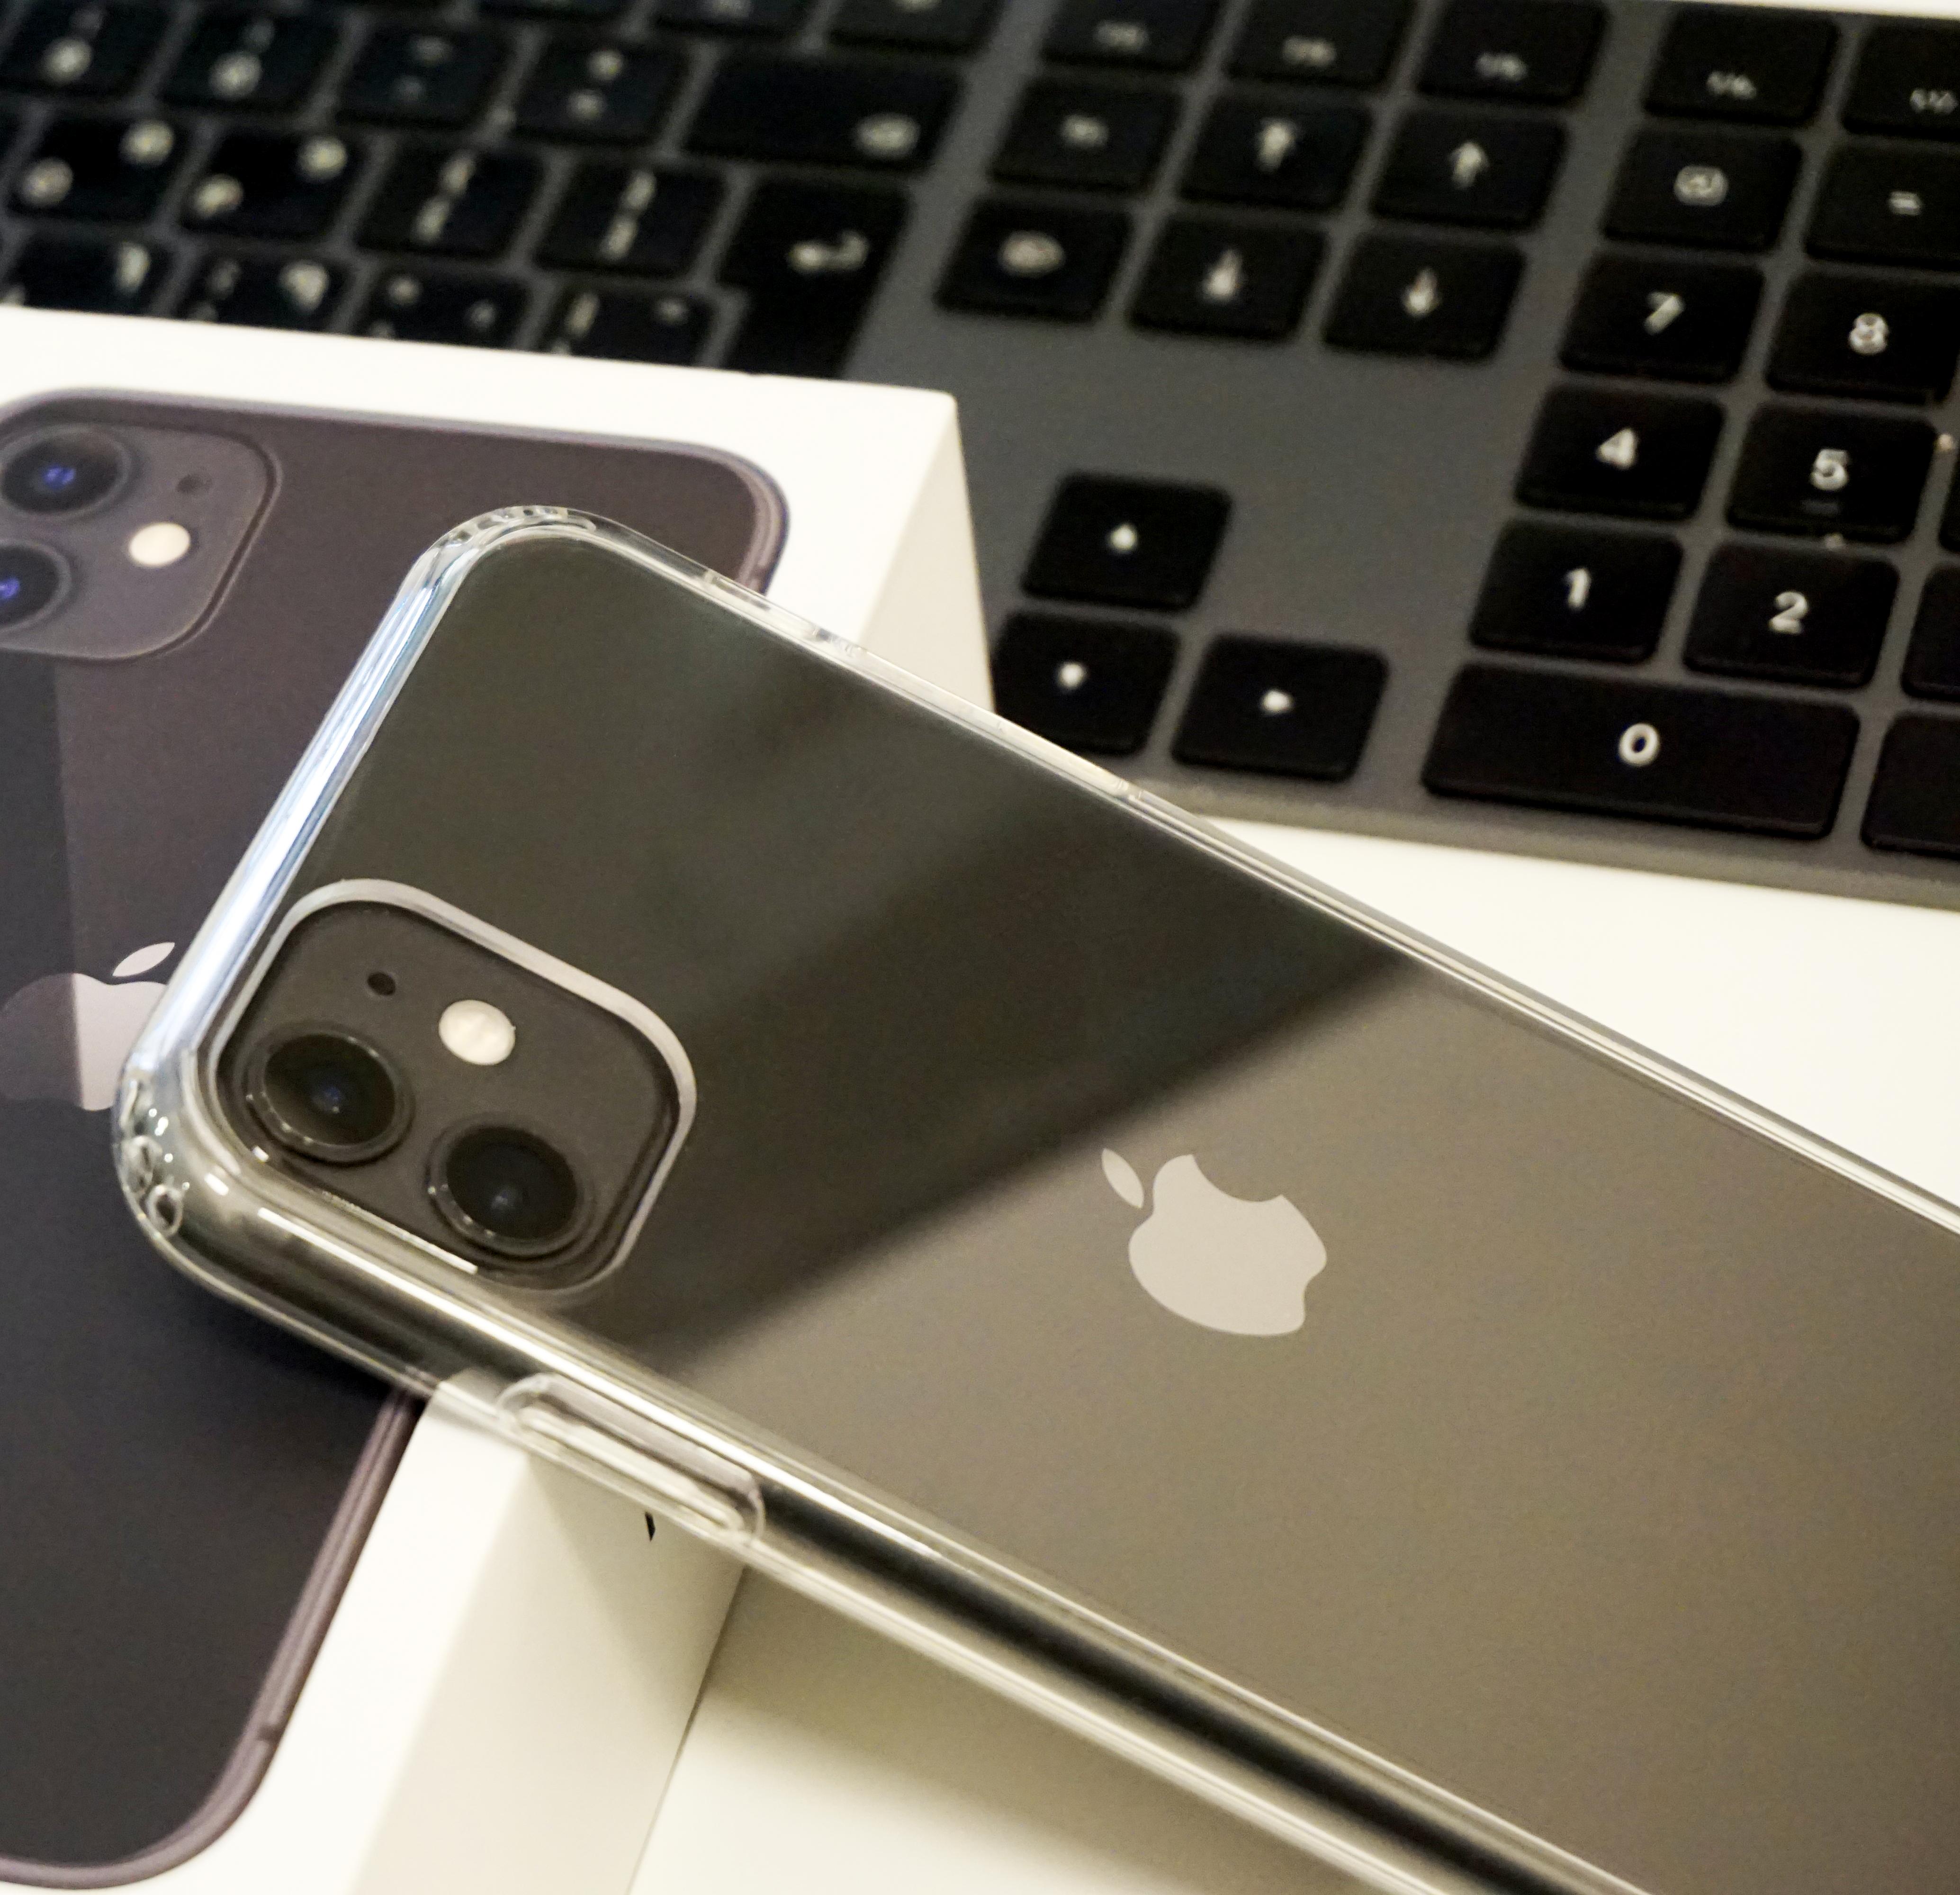 כיסוי ל iPhone 11 Pro Max אייפון פרו מקס